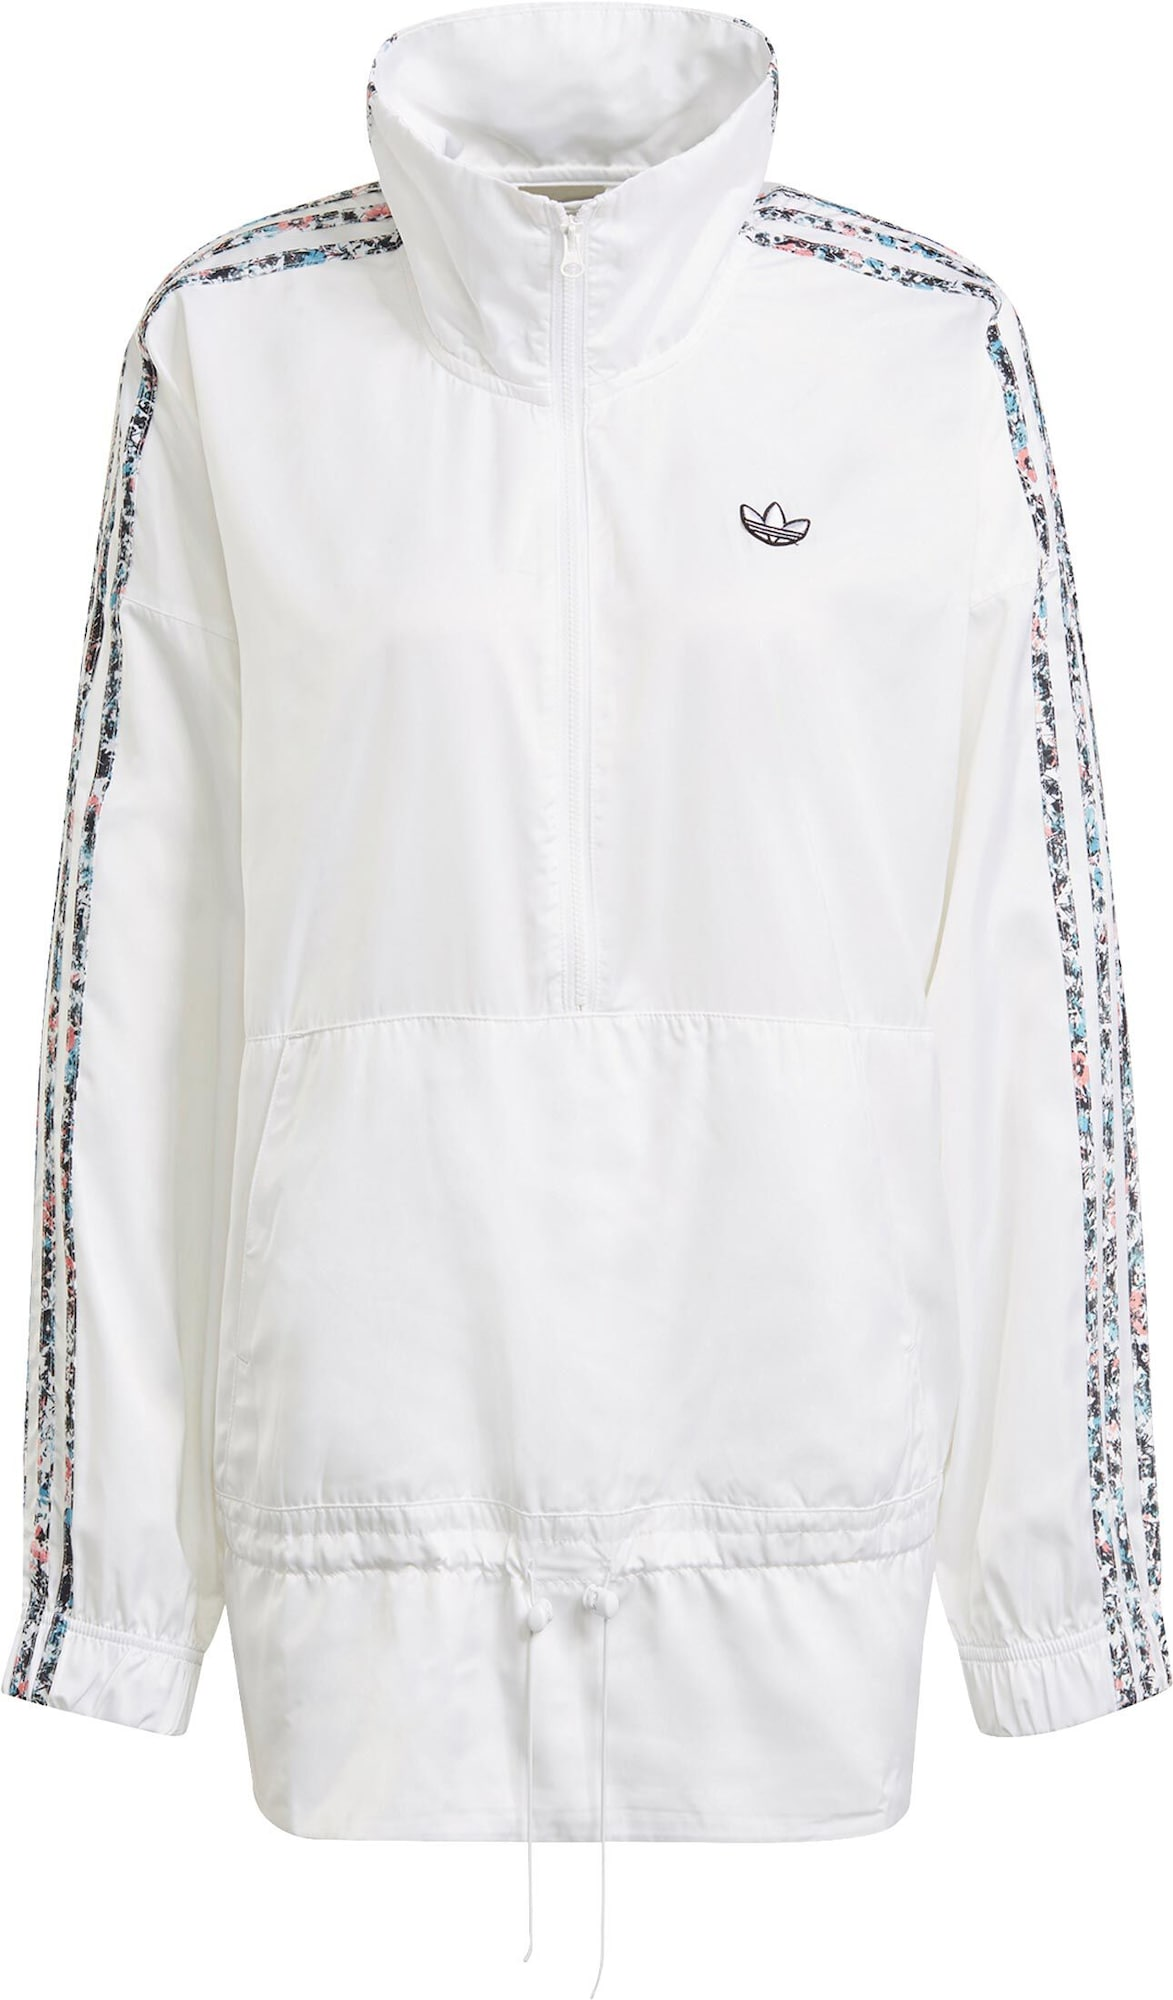 ADIDAS ORIGINALS Demisezoninė striukė balta / juoda / šviesiai mėlyna / ryškiai rožinė spalva